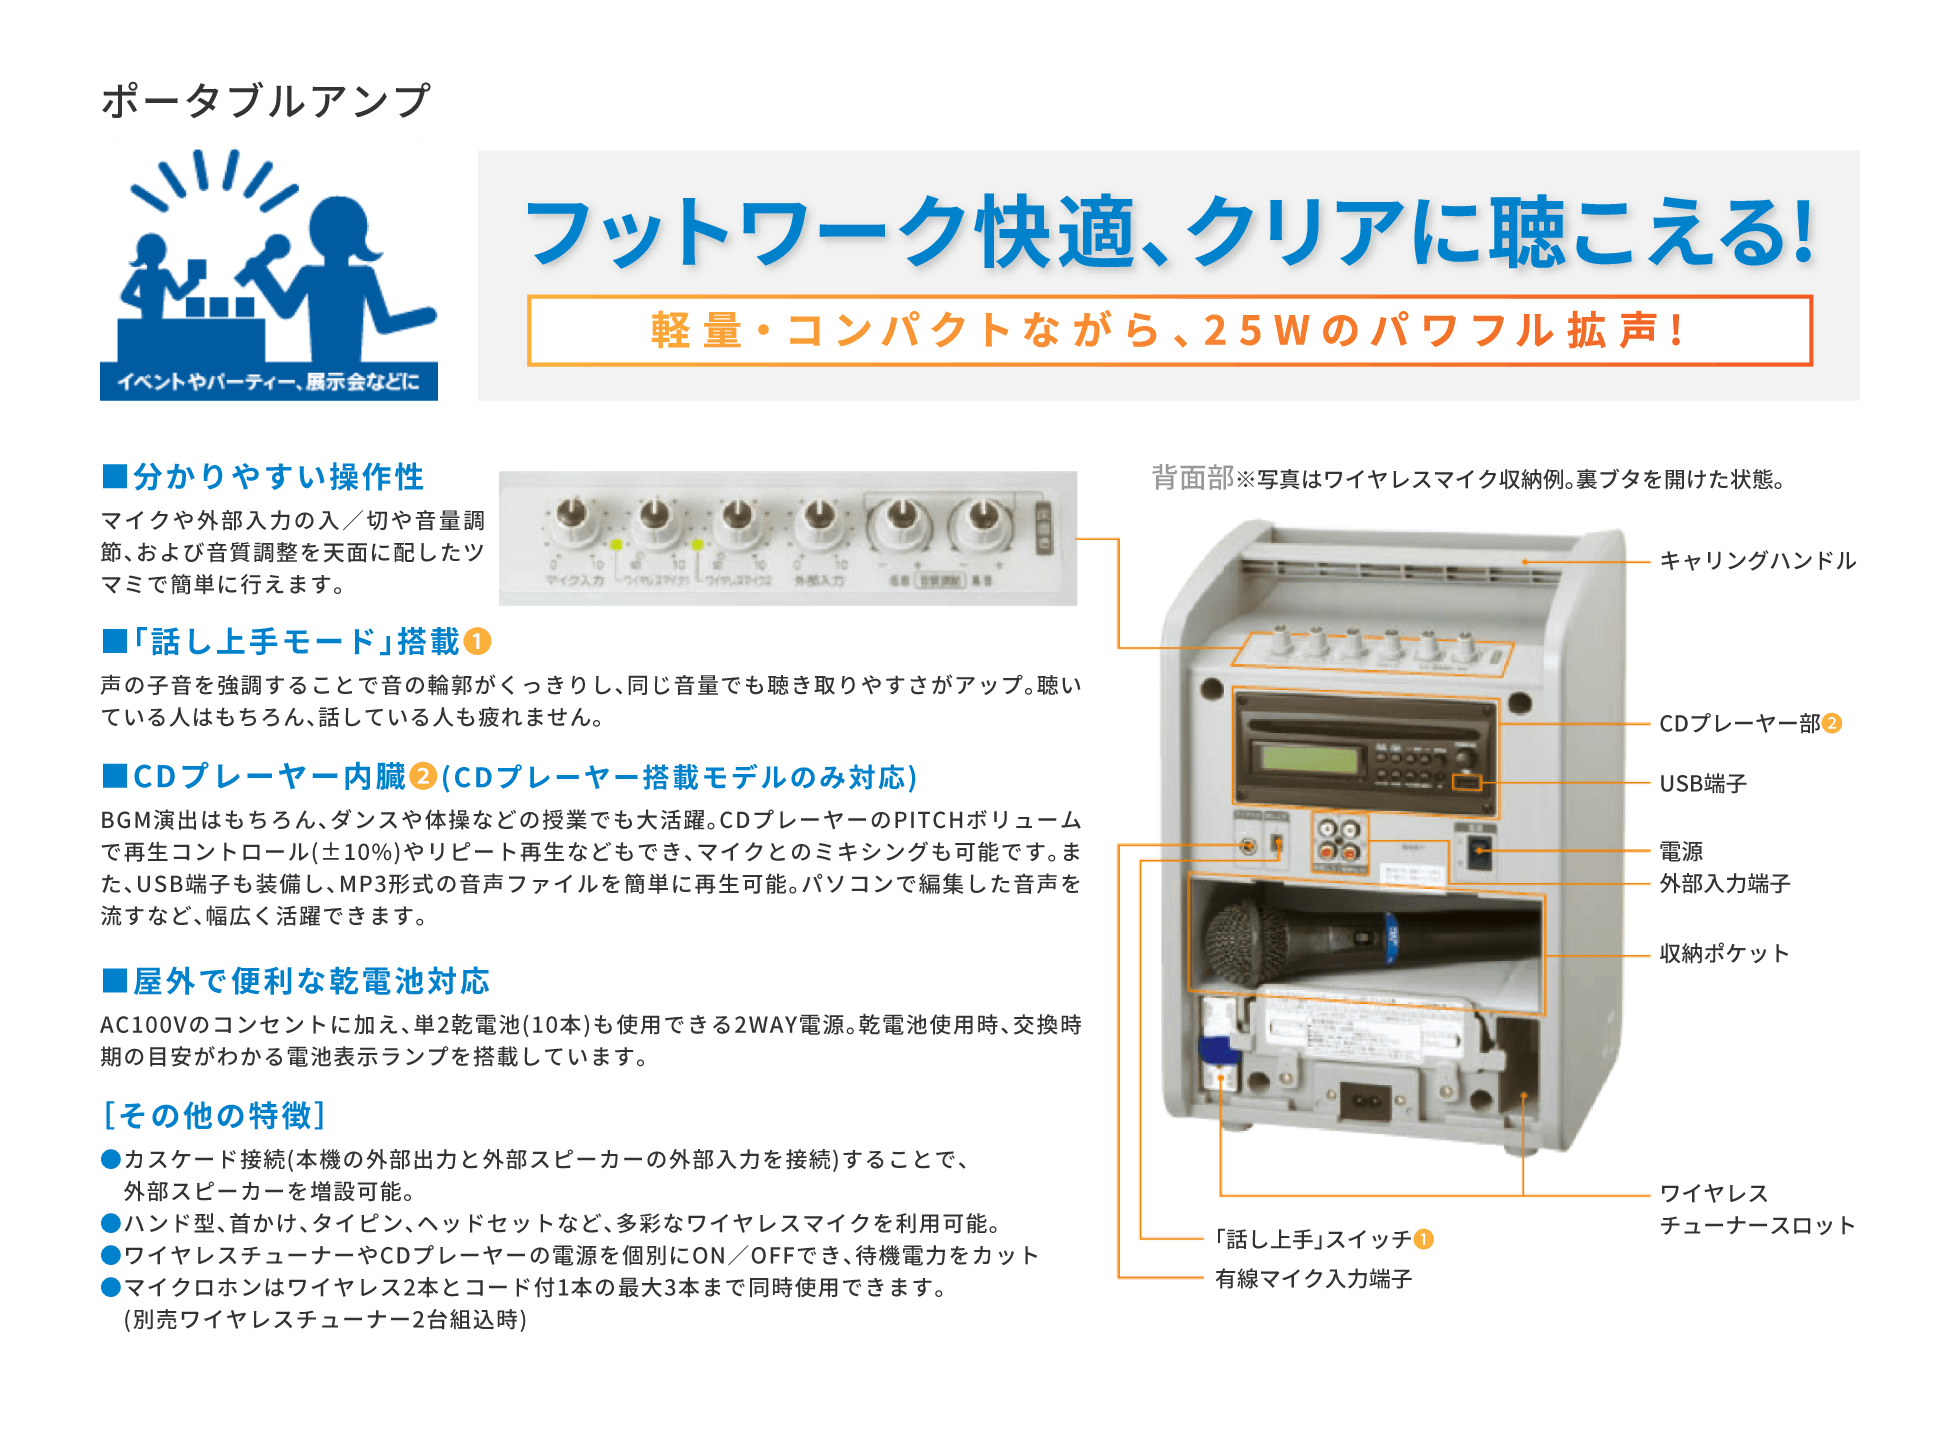 いわき 貸会議室 レンタルスペース 学びの杜グランディール 貸出備品 ポータブルアンプ(有料)